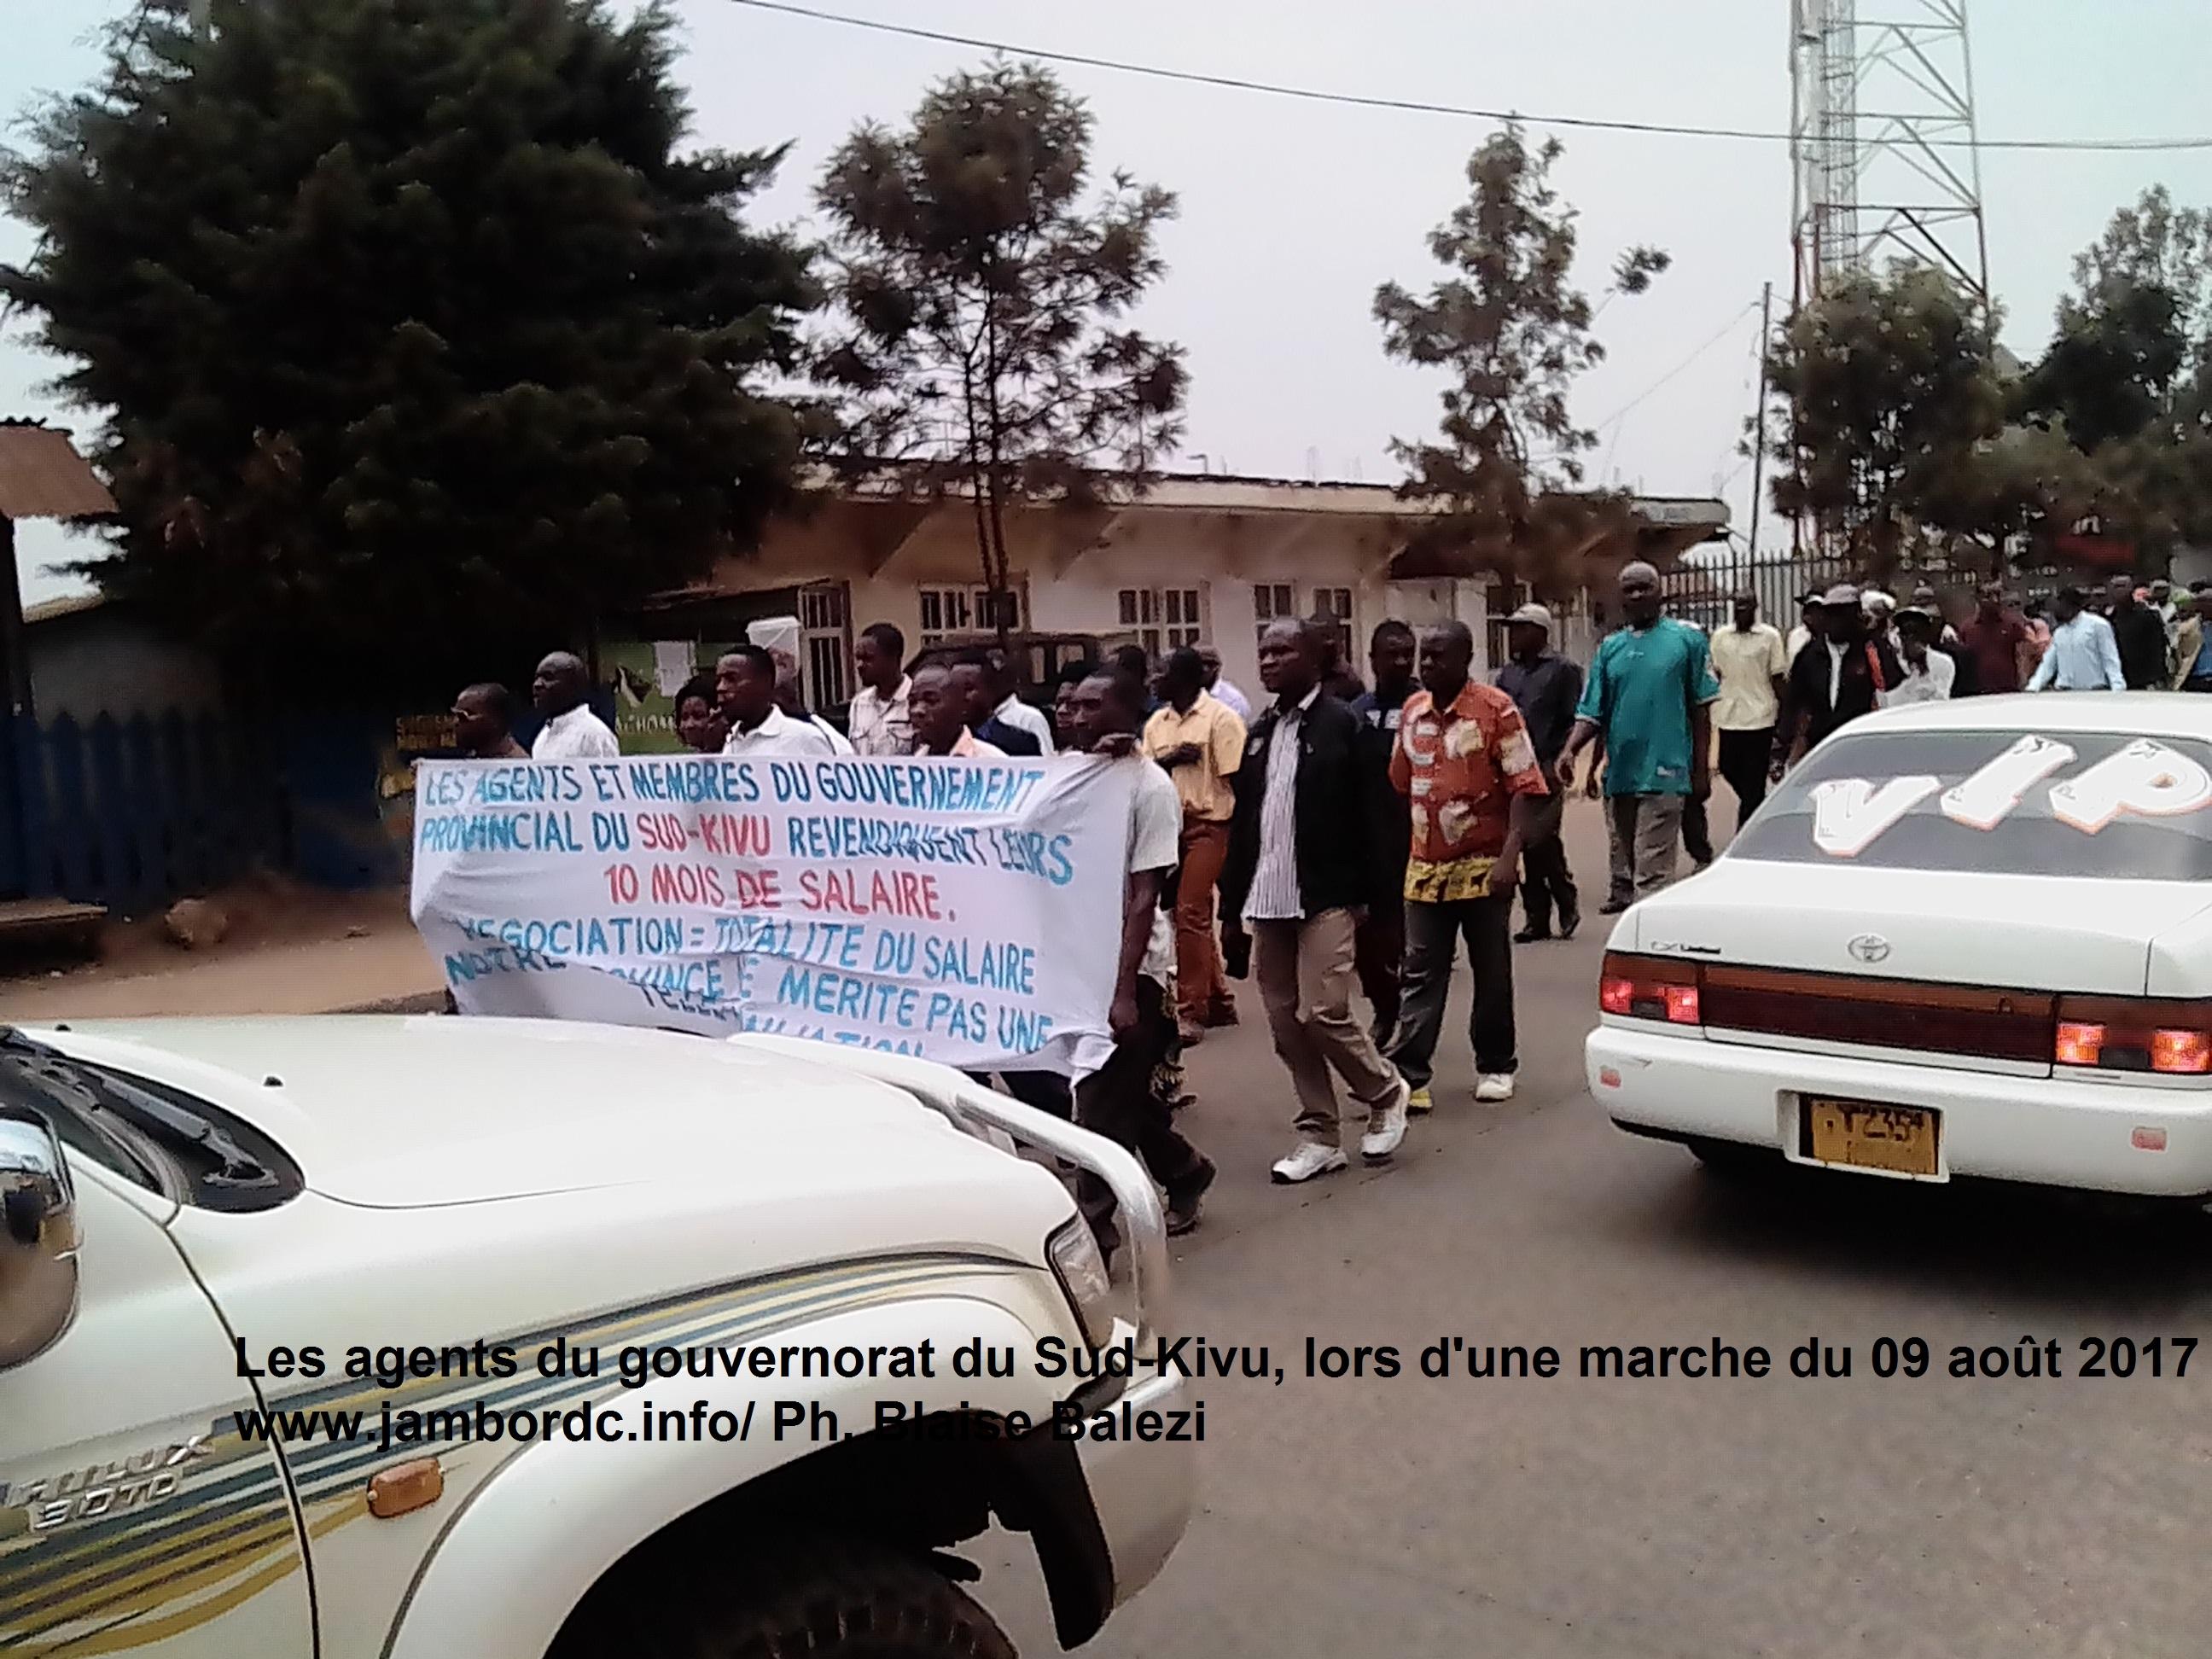 Sud Kivu : Les agents du gouvernorat envisagent  passer au plan B